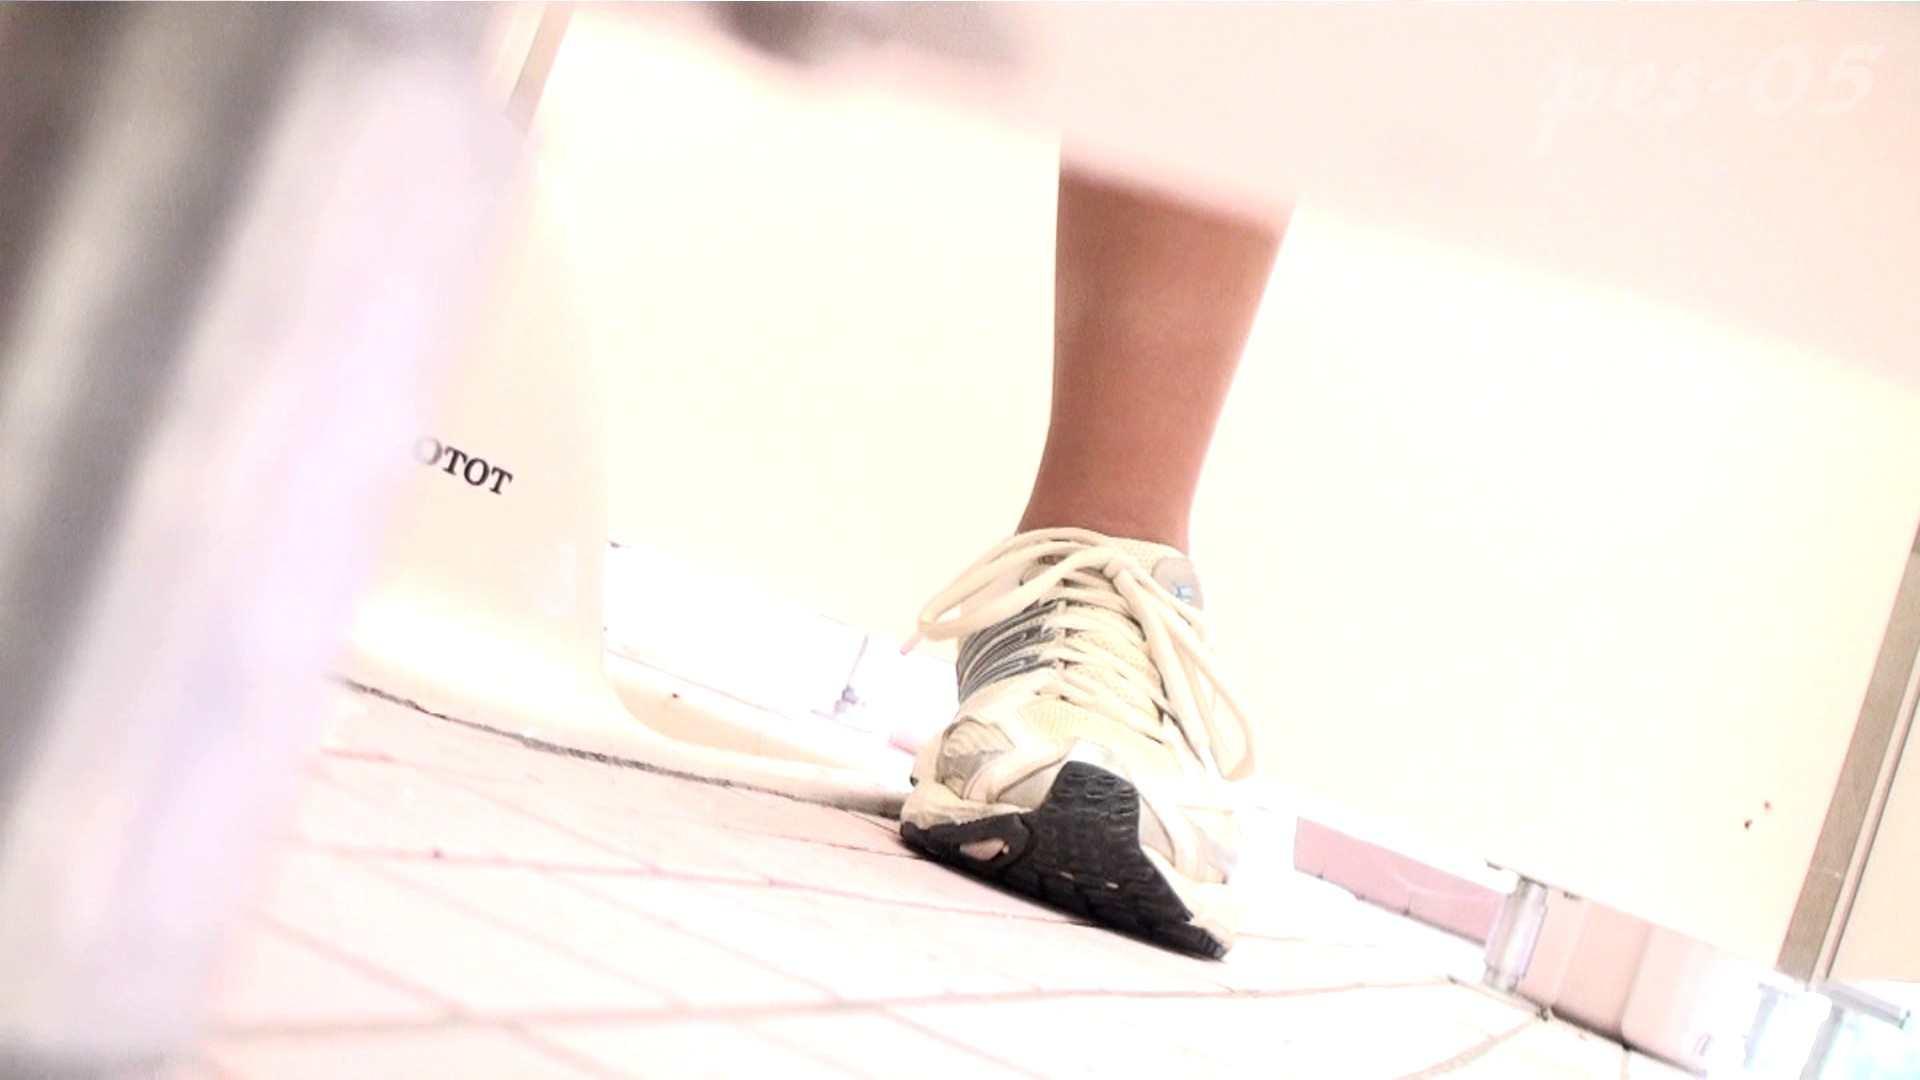 ※100個限定販売 至高下半身盗撮-プレミアム-【体育館編】VOL.5 ギャル攻め AV動画キャプチャ 108画像 74